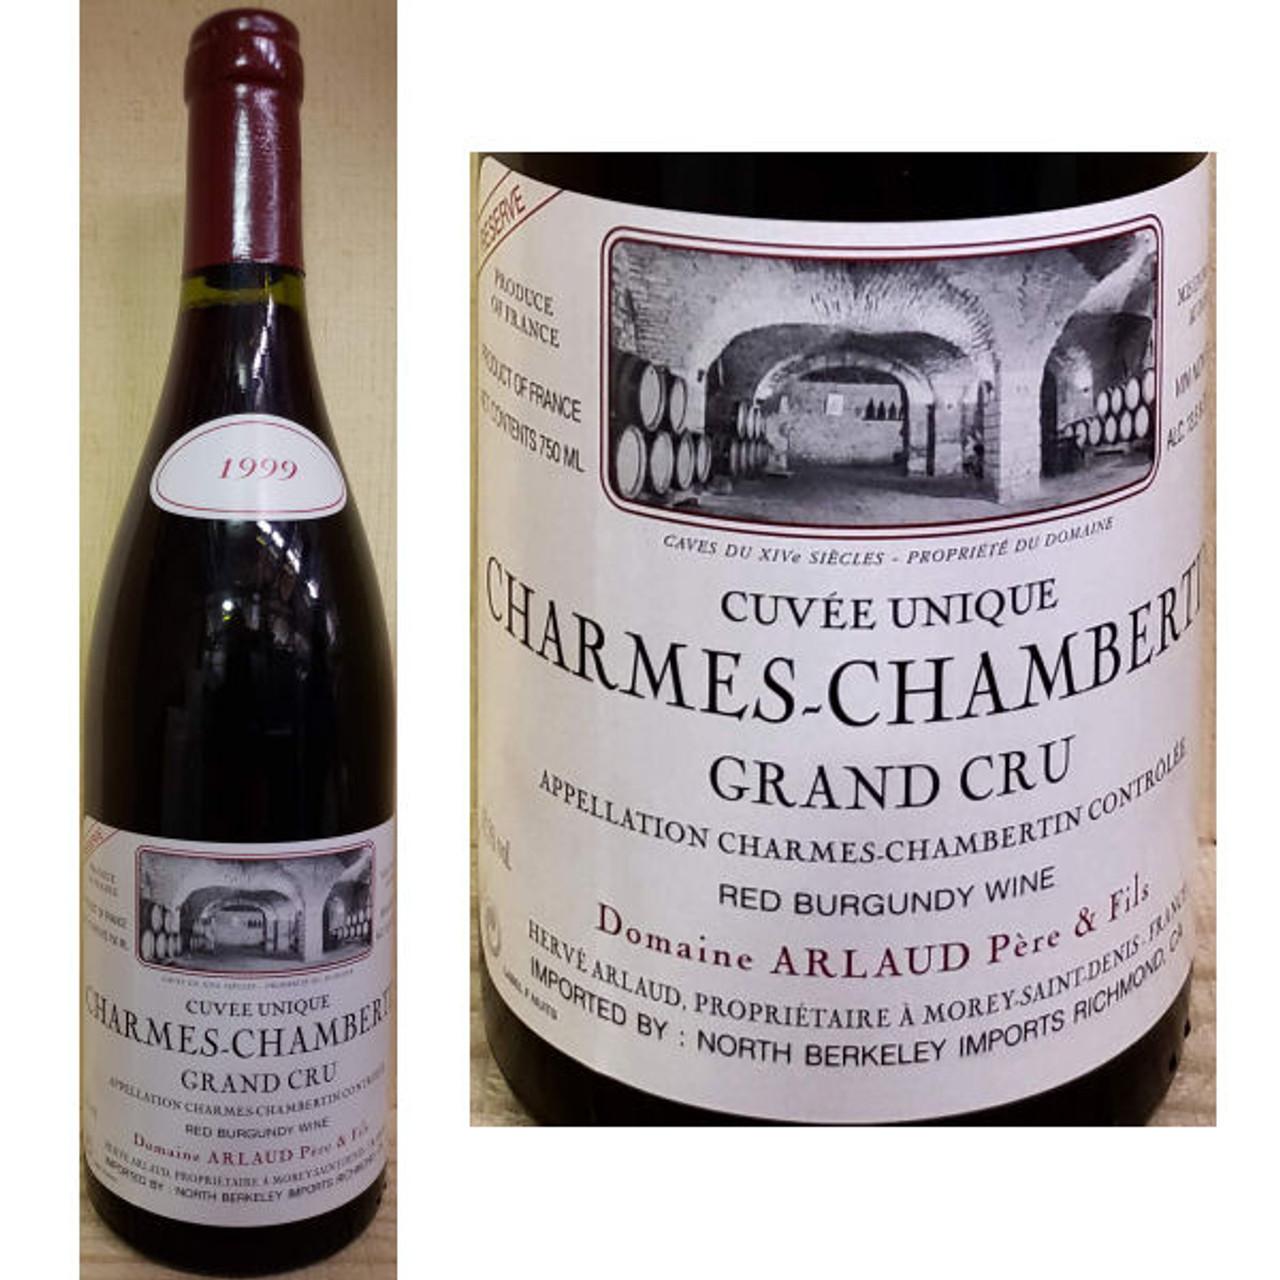 Domaine Arlaud Reserve Charmes-Chambertin Grand Cru Red Burgundy